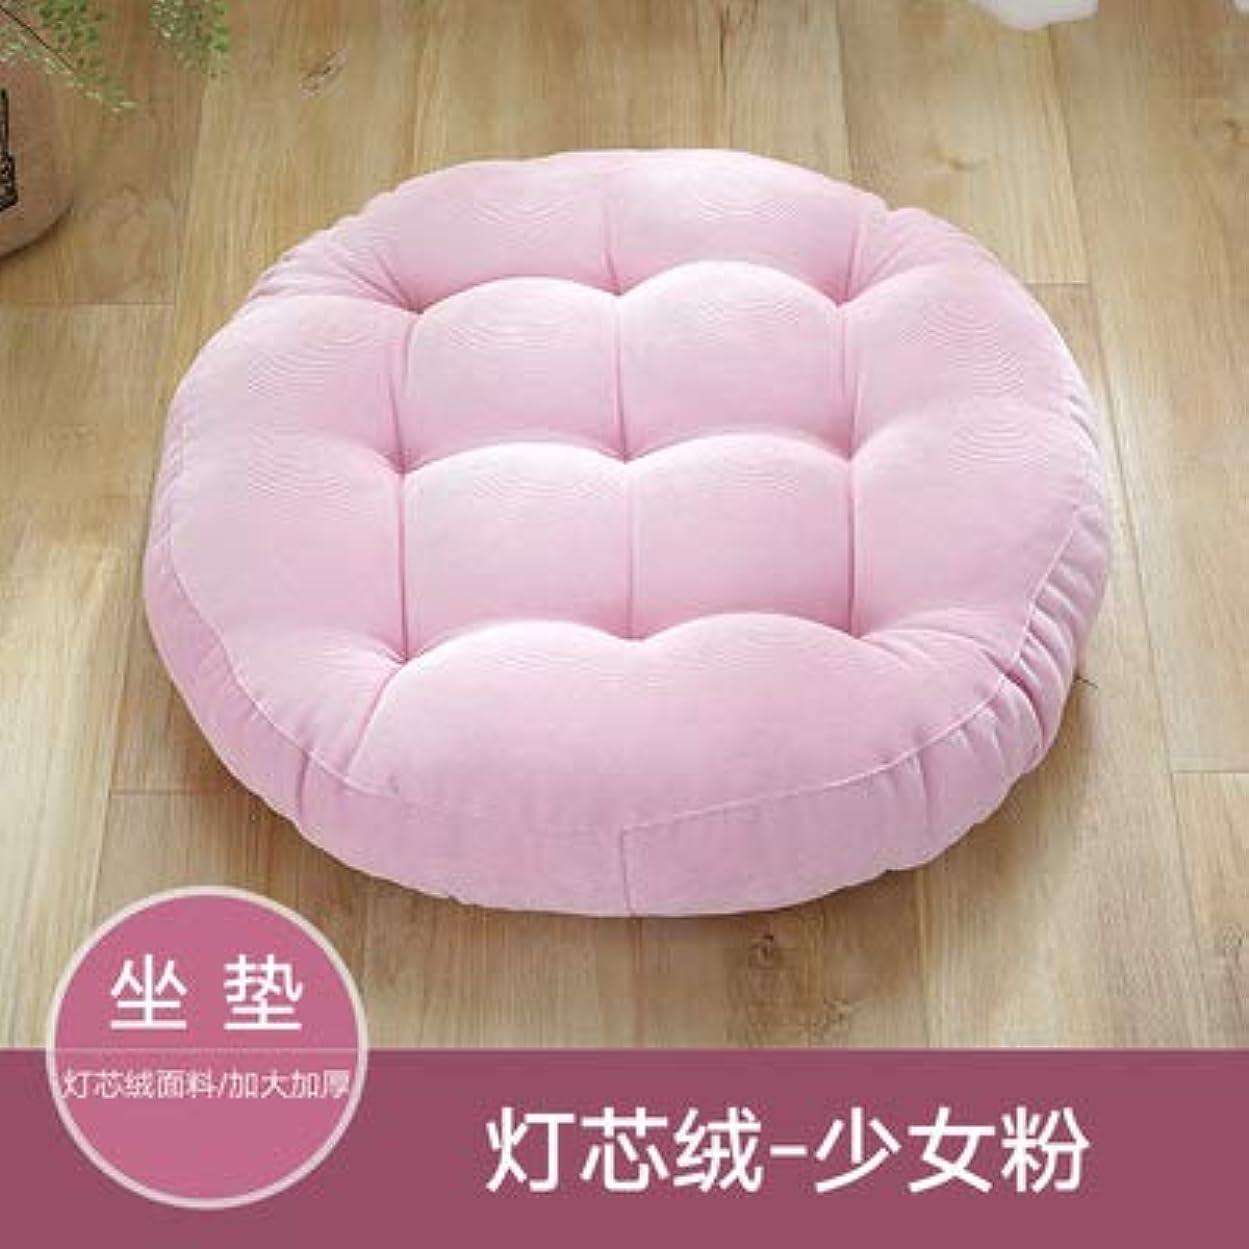 殉教者頬有毒なLIFE ラウンド厚い椅子のクッションフロアマットレスシートパッドソフトホームオフィスチェアクッションマットソフトスロー枕最高品質の床クッション クッション 椅子